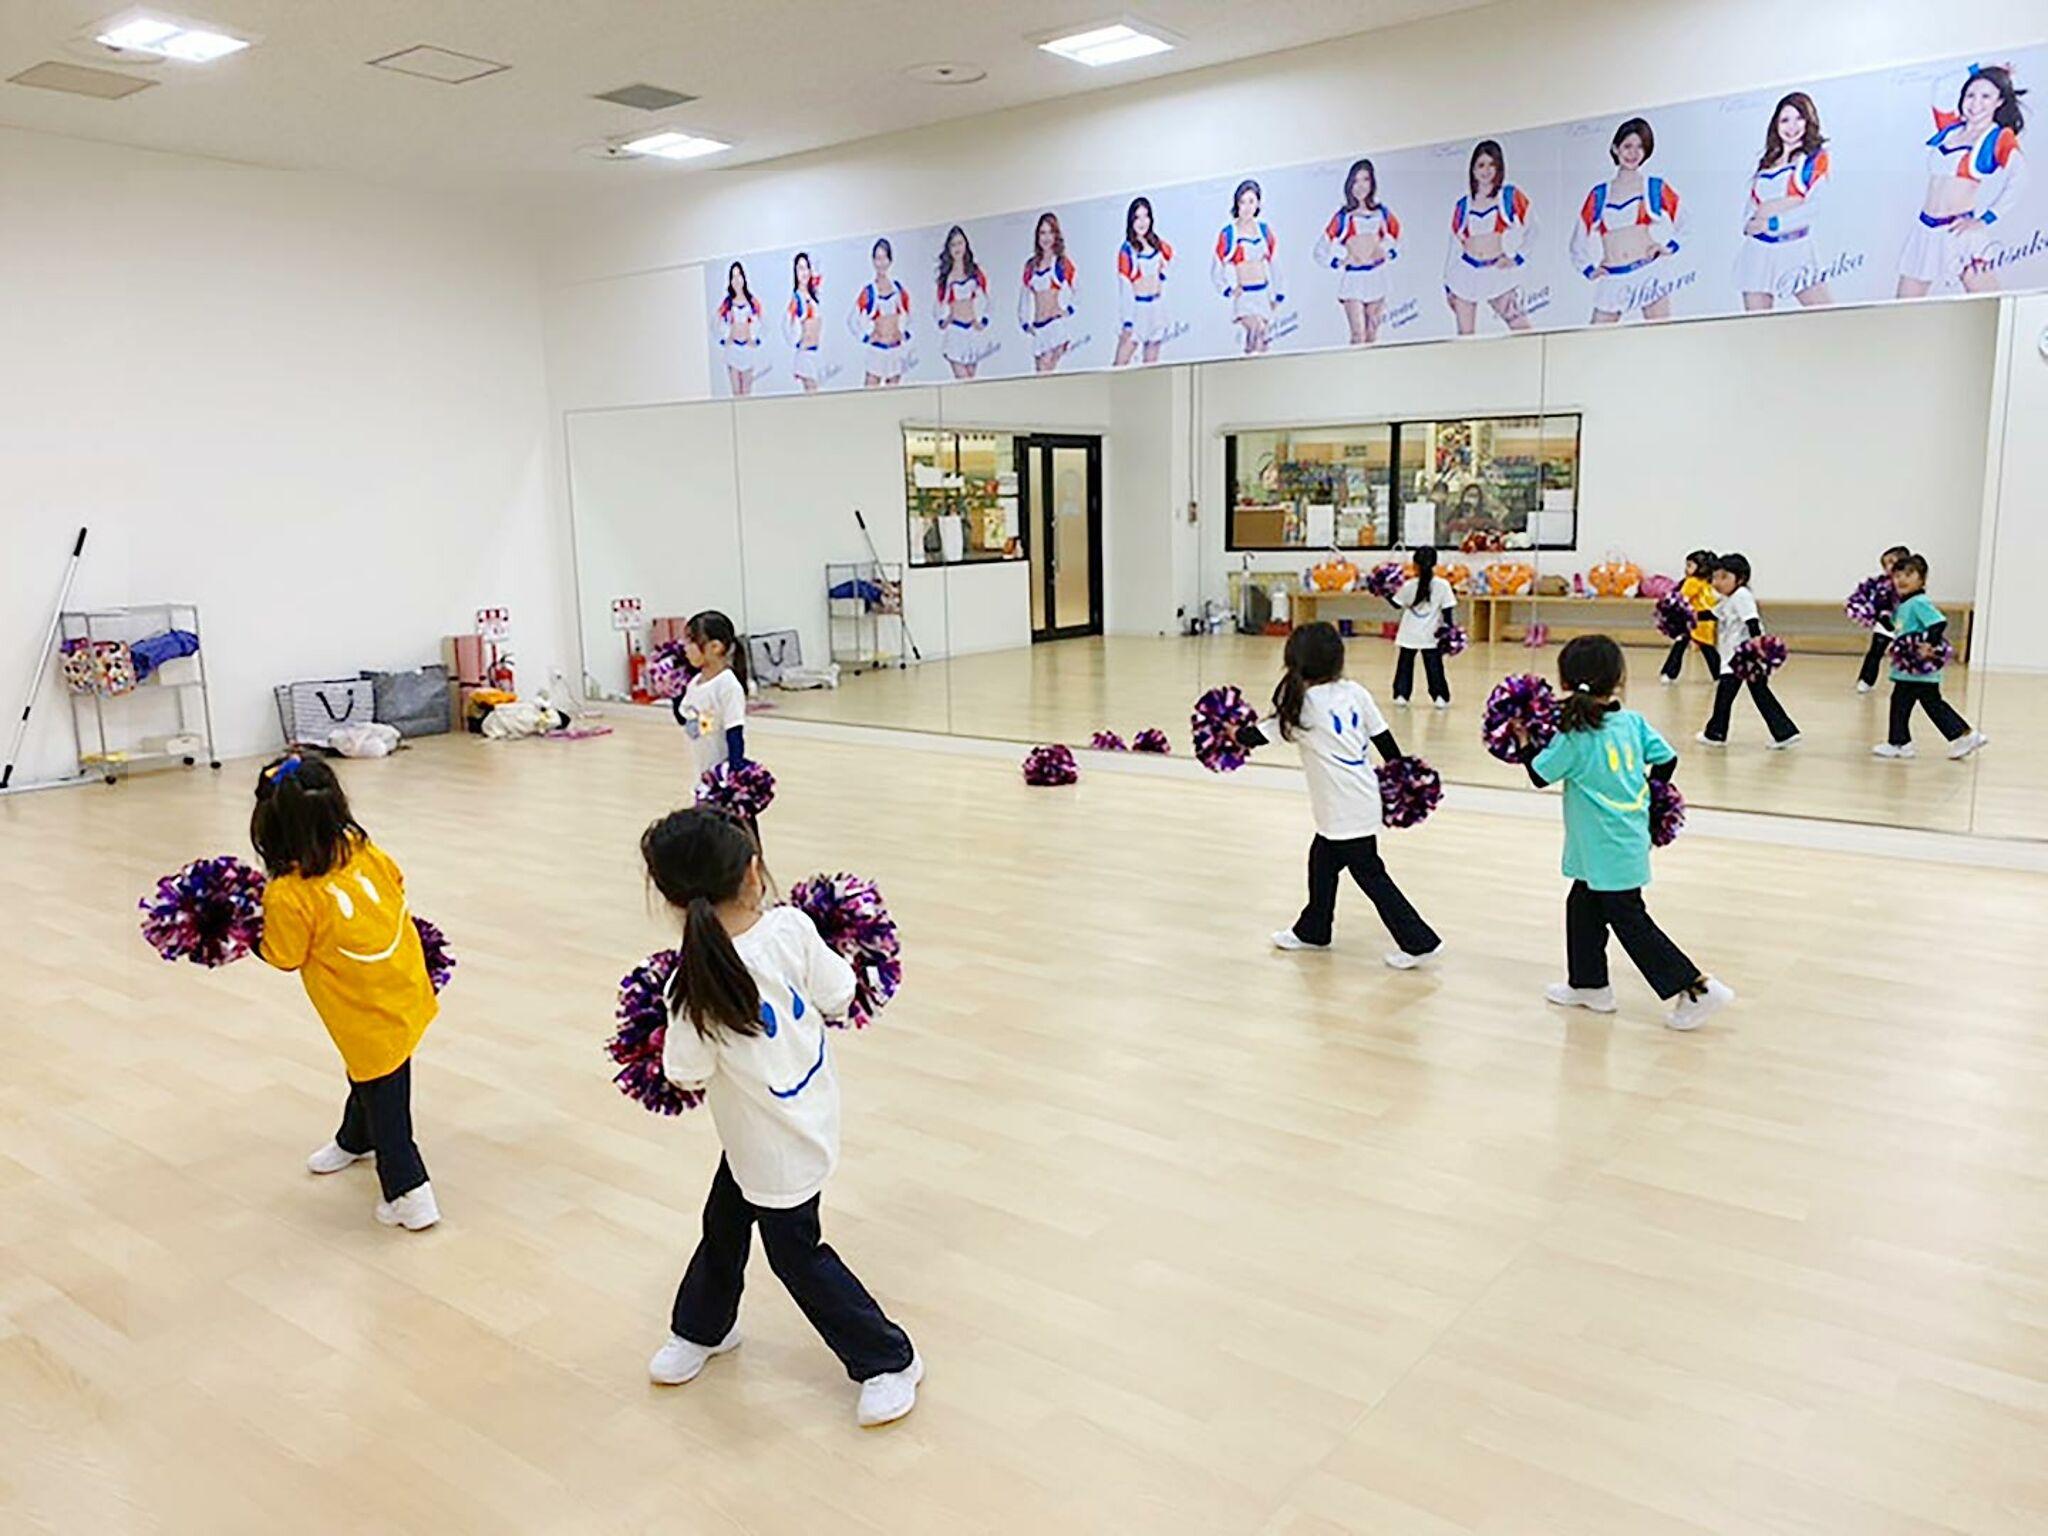 チアダンスのレッスンをしている子どもたちの画像